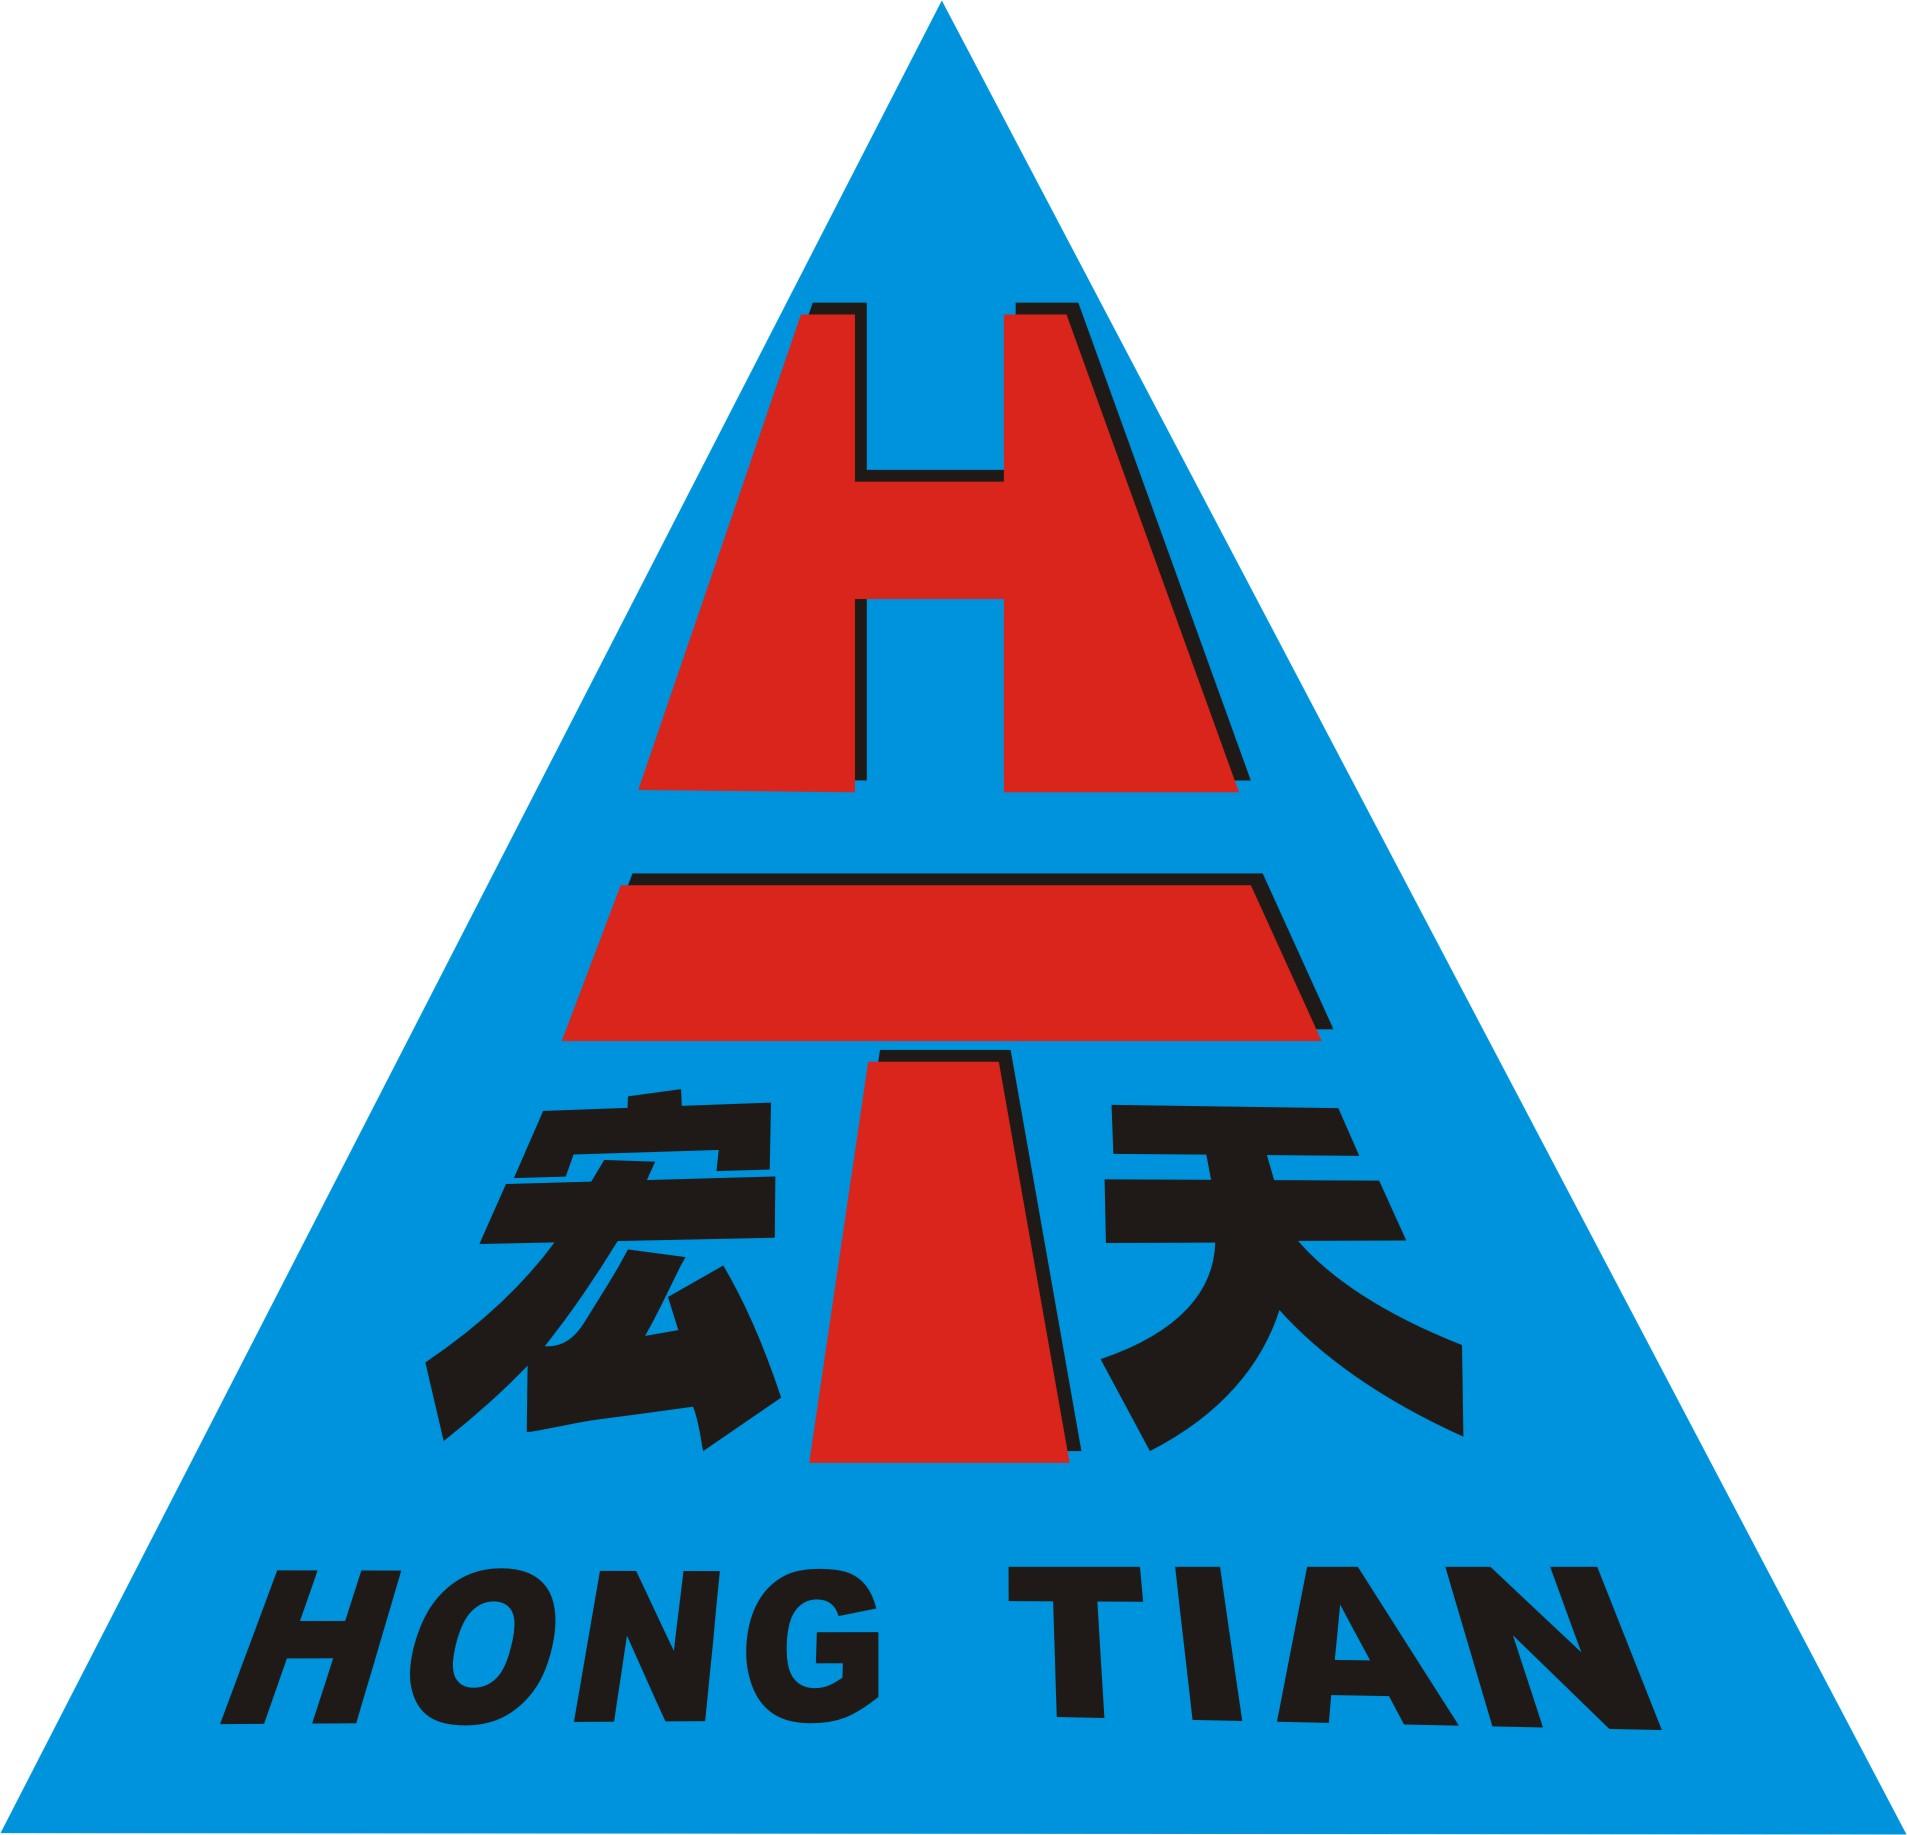 绍兴宏天商标事务所有限公司